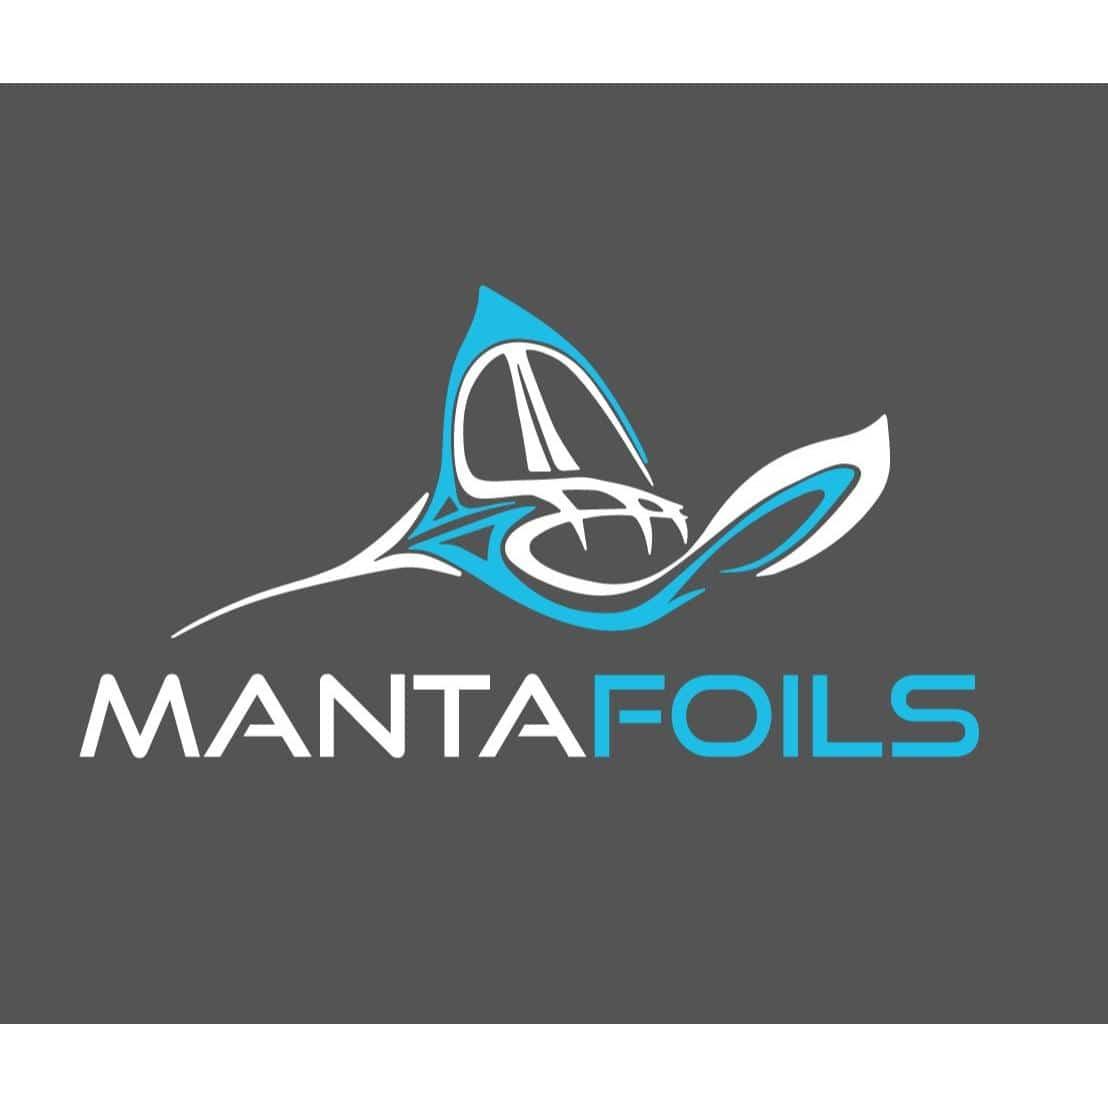 Manta Foils